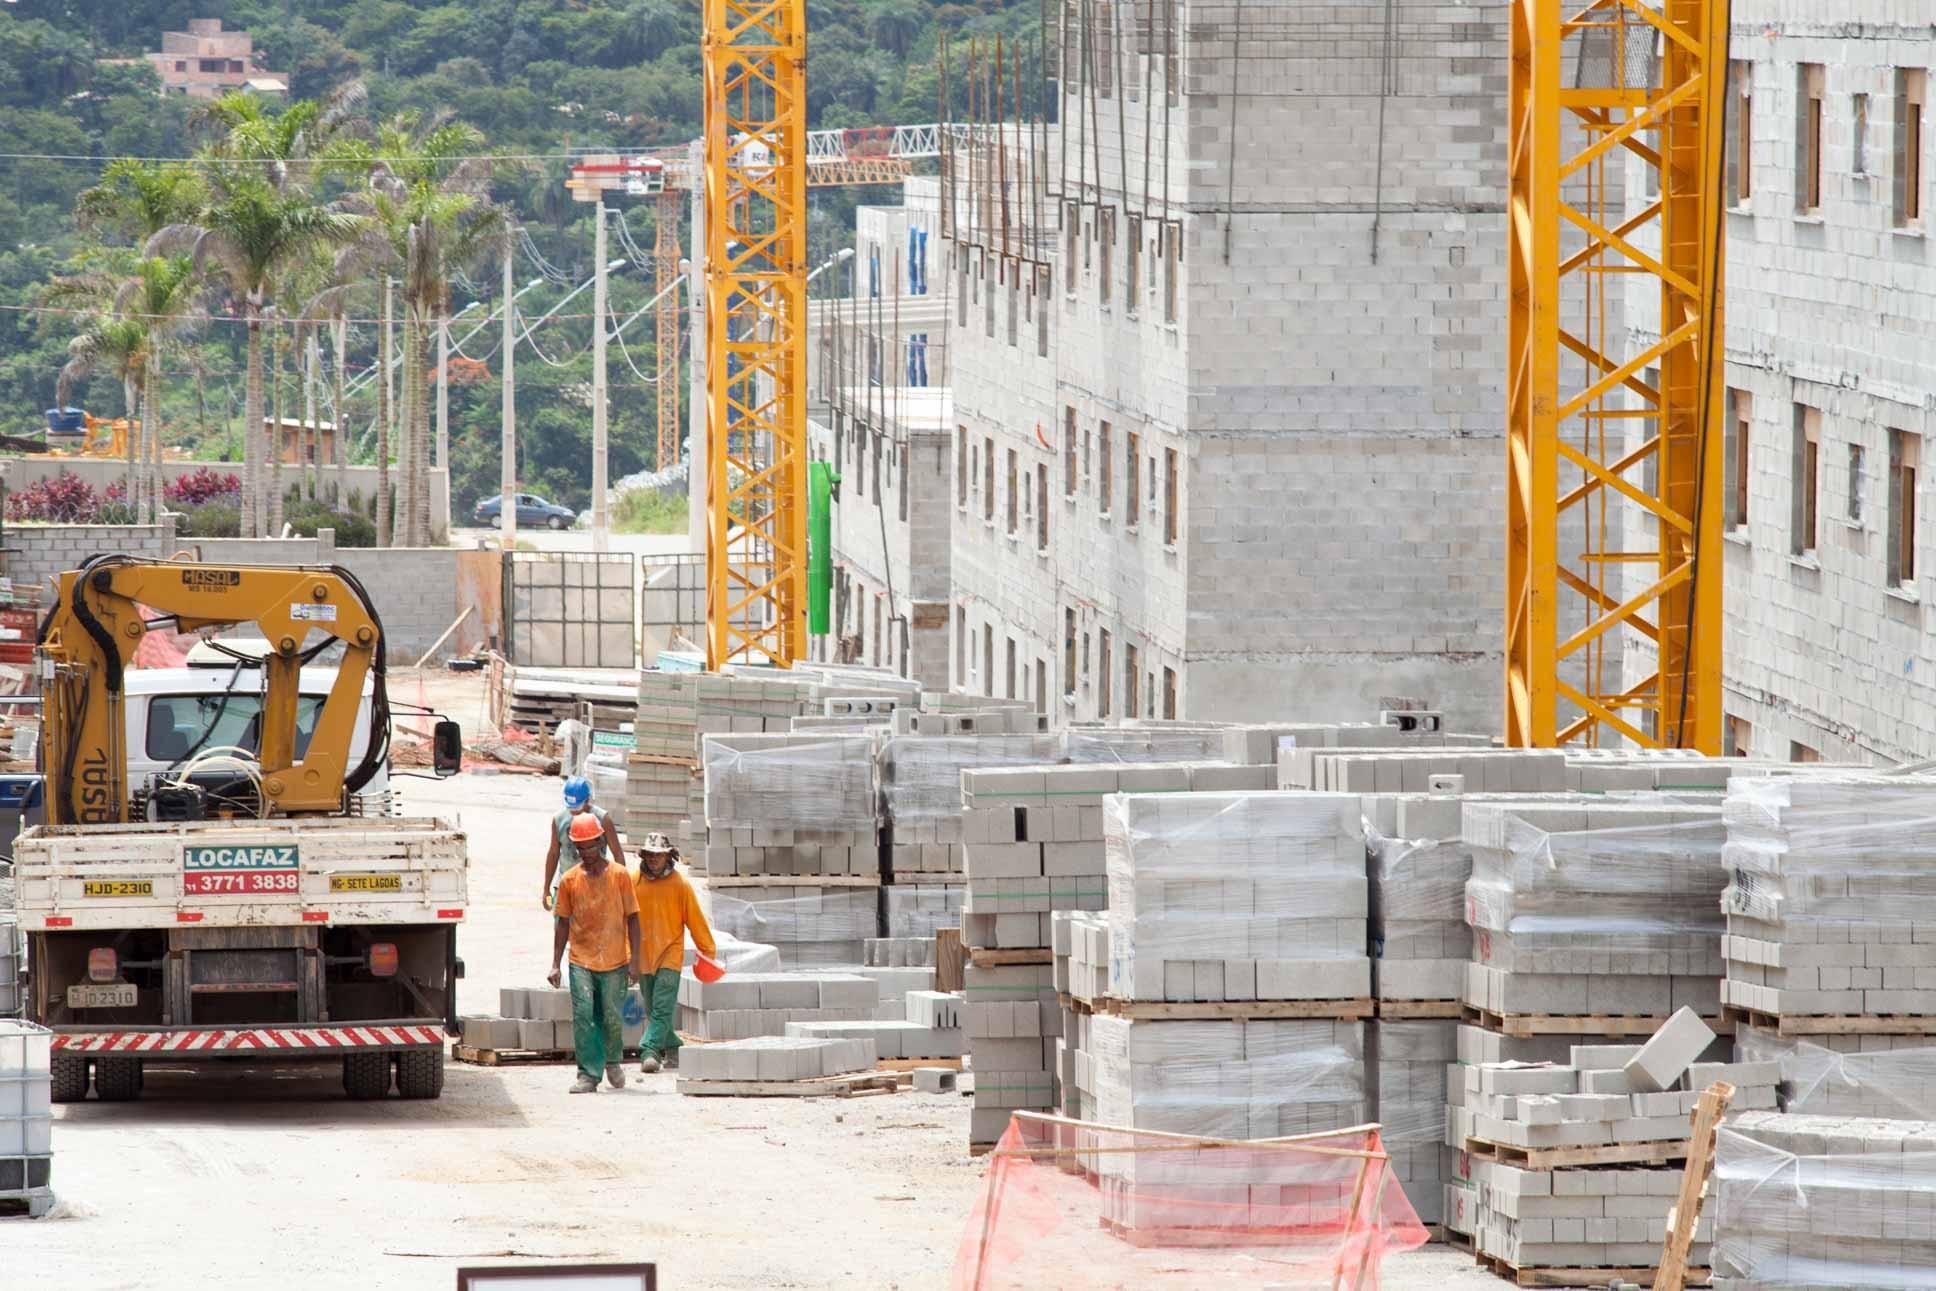 Lucro da MRV cai 8% no 3º trimestre, sob efeito do Minha Casa Minha Vida - Notícias - Plantão Diário